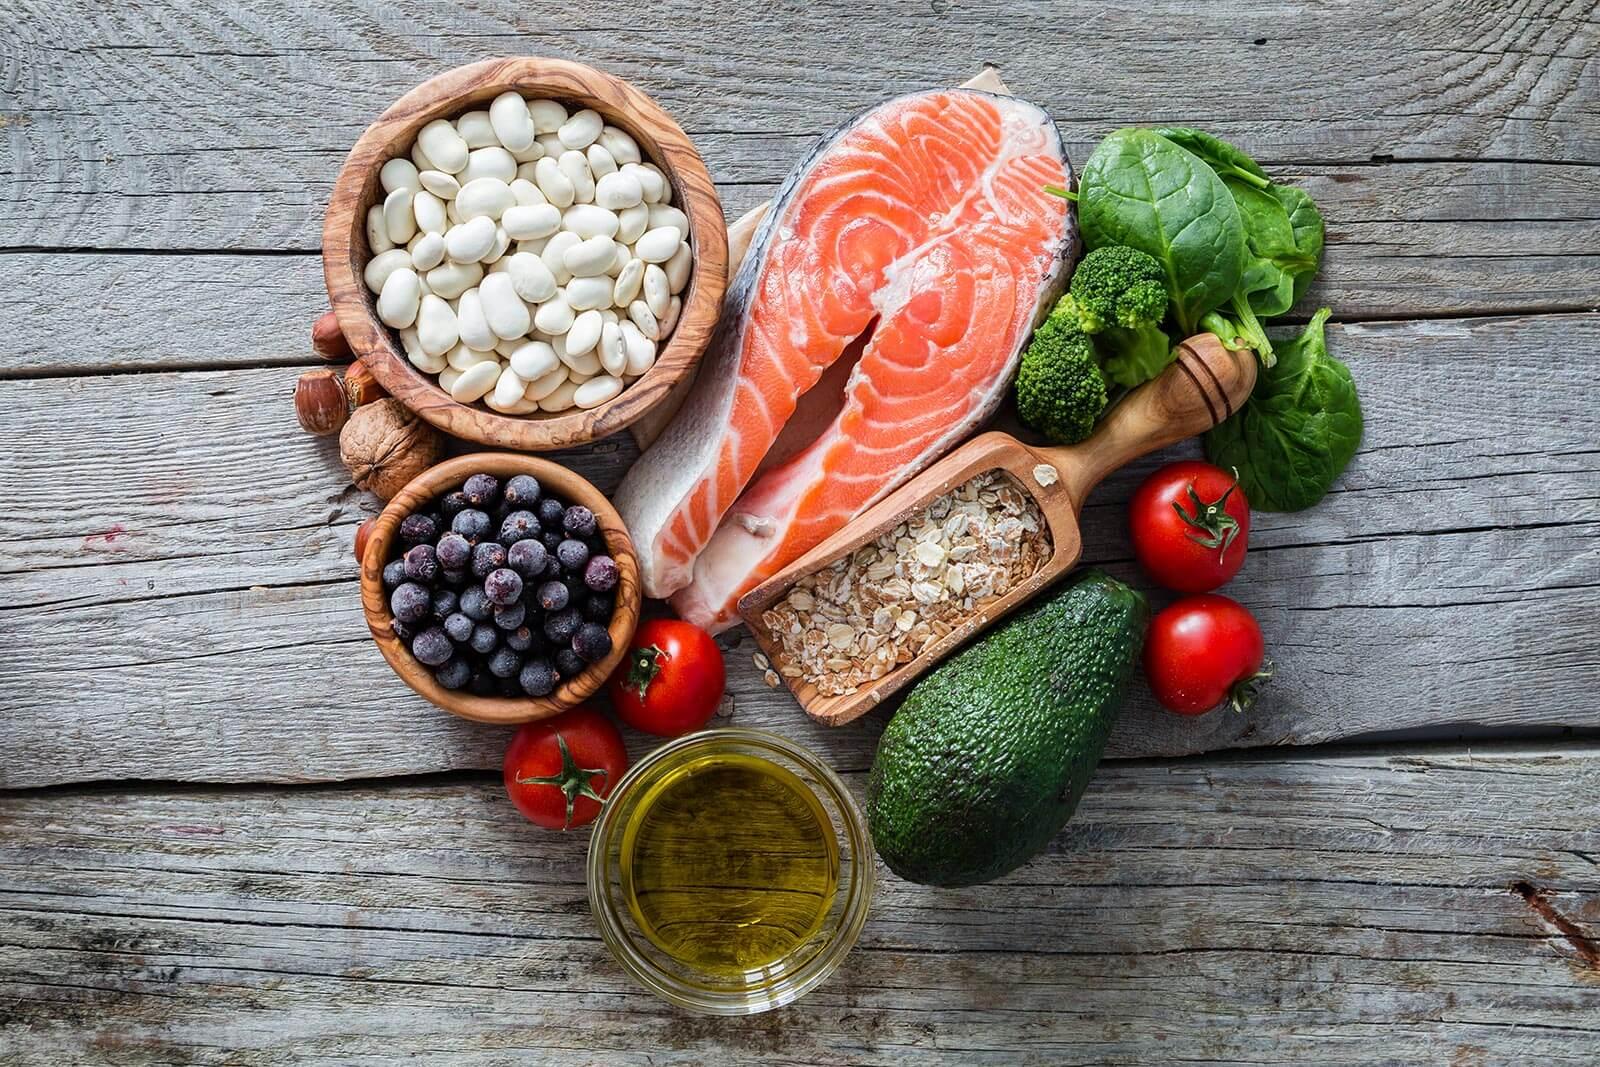 Salmón, legumbres, aguacate, verduras, tomates , nueces y aceite de oliva